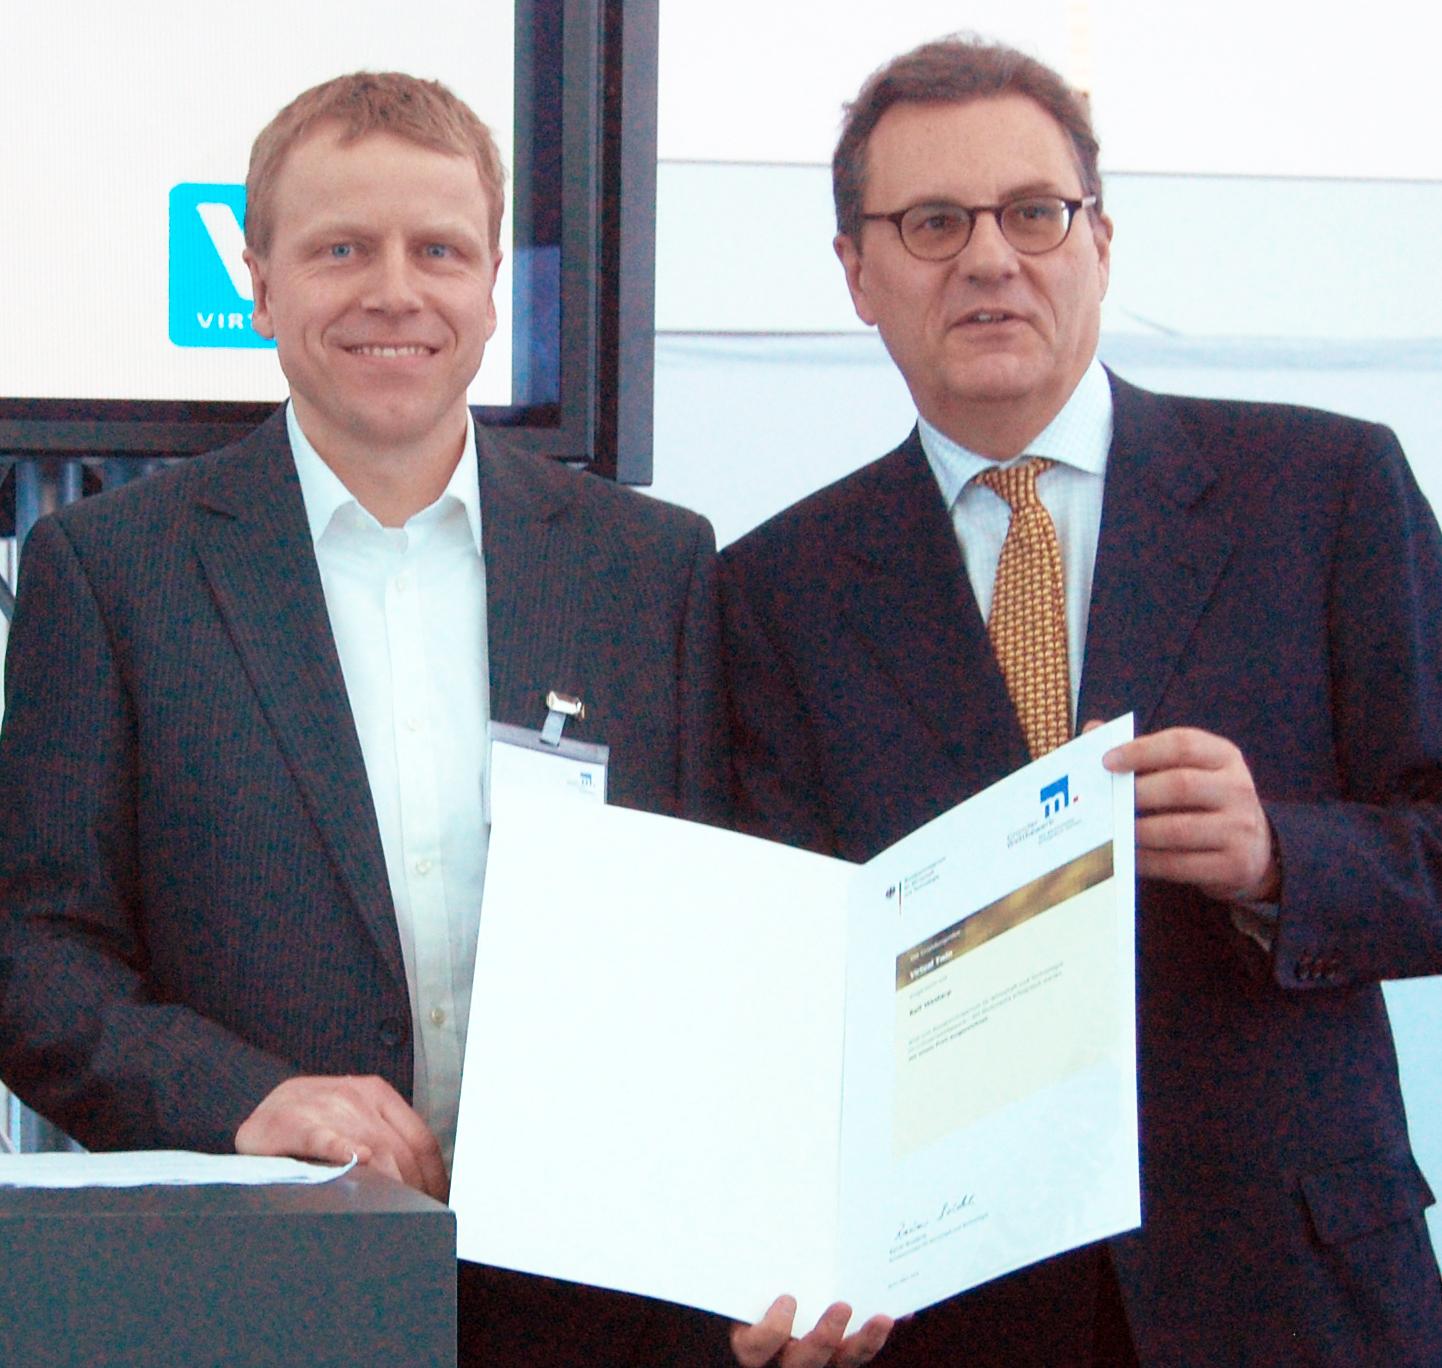 Ralf Westarp (l.) vom Institut für Baumanagement, Gebäudedatenmanagement und Bewertung e.V. und Staatssekretärs Hans-Joachim Otto